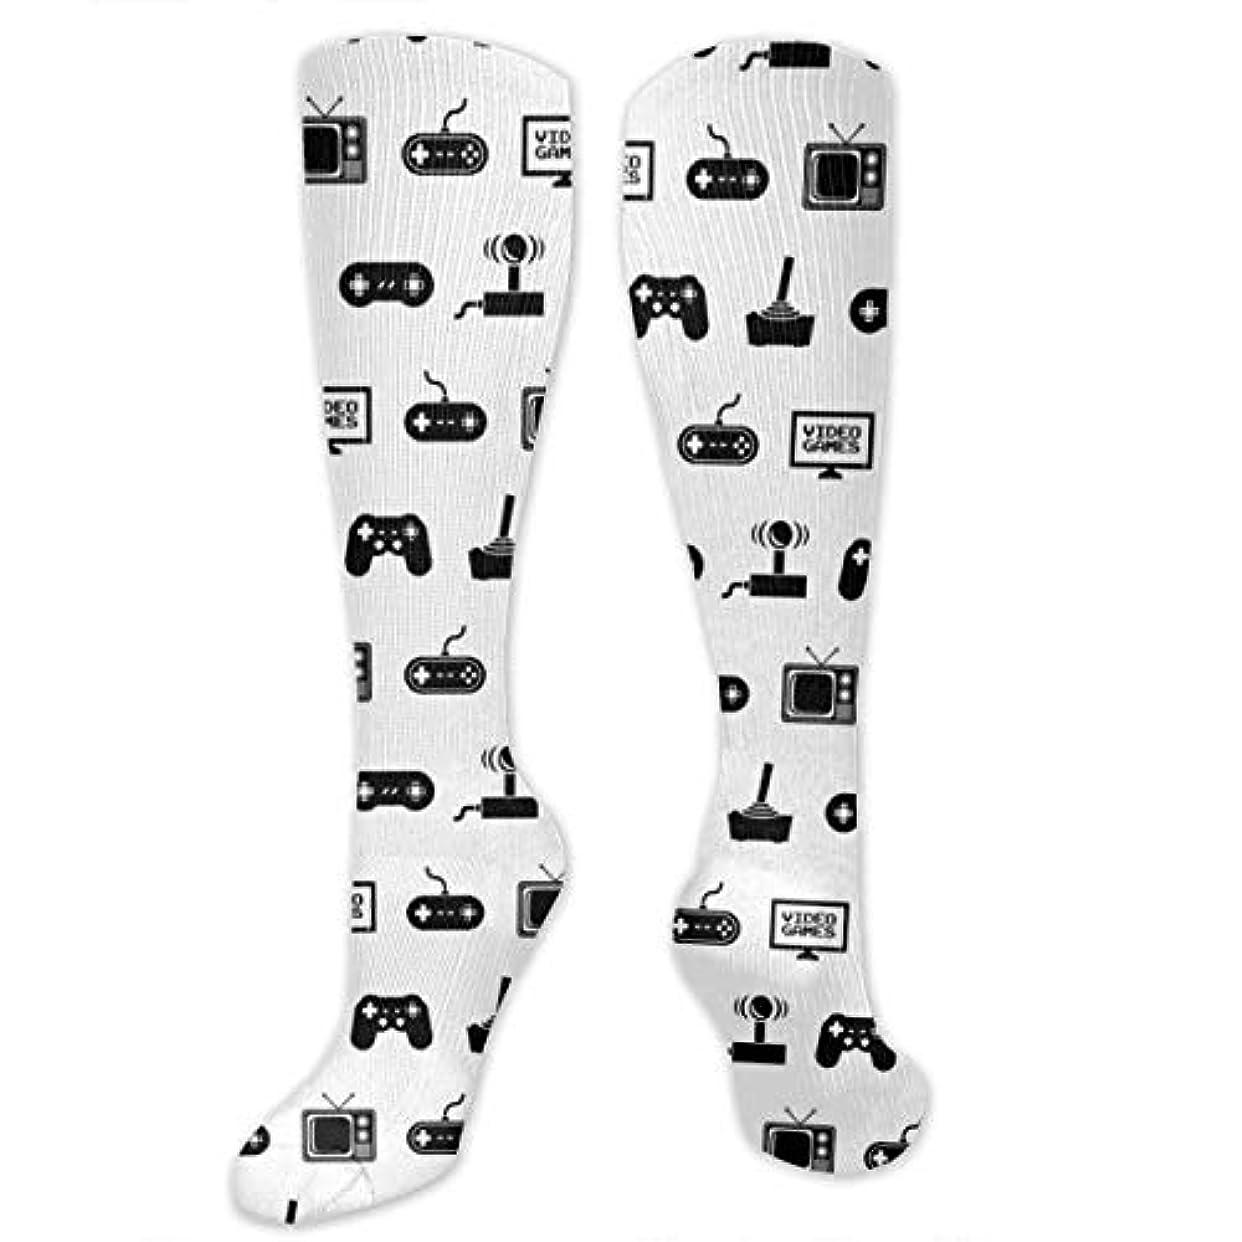 感動する対応する機動靴下,ストッキング,野生のジョーカー,実際,秋の本質,冬必須,サマーウェア&RBXAA Video Games Socks Women's Winter Cotton Long Tube Socks Cotton Solid...